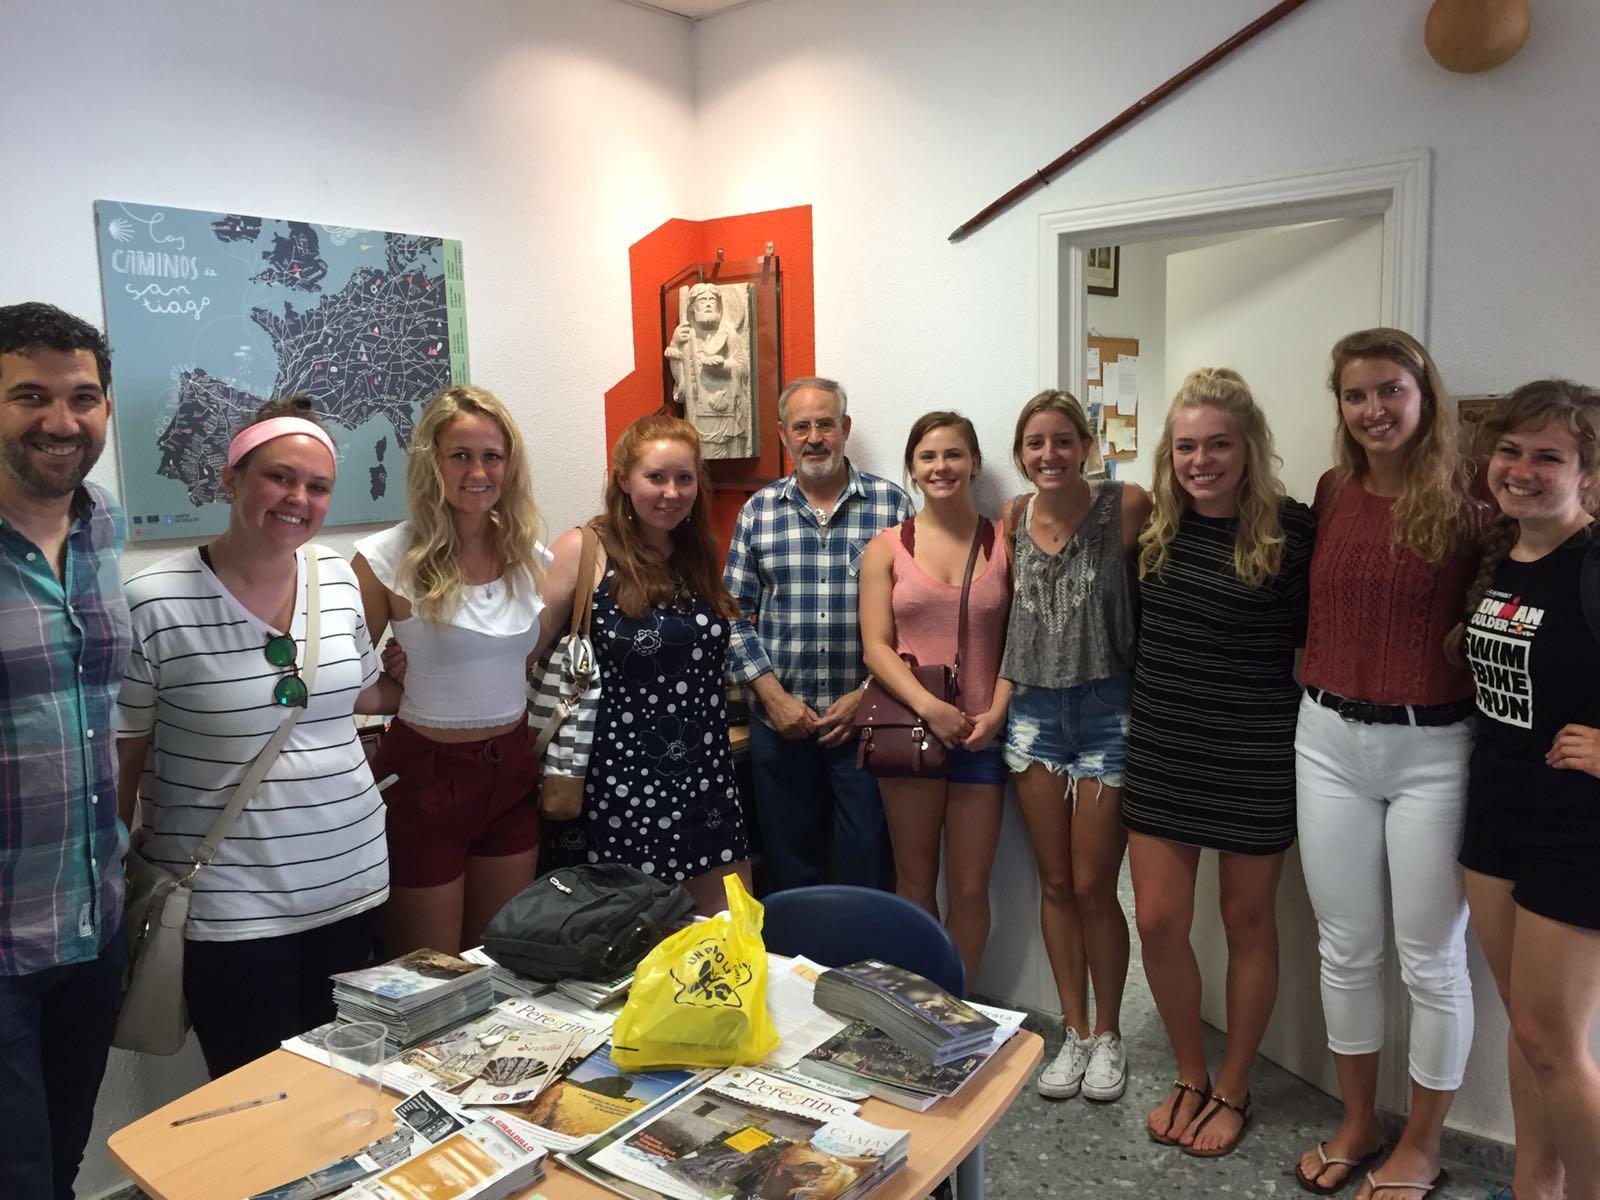 Recorrido del Camino por la ciudad de Sevilla con estudiantes estadounidenses